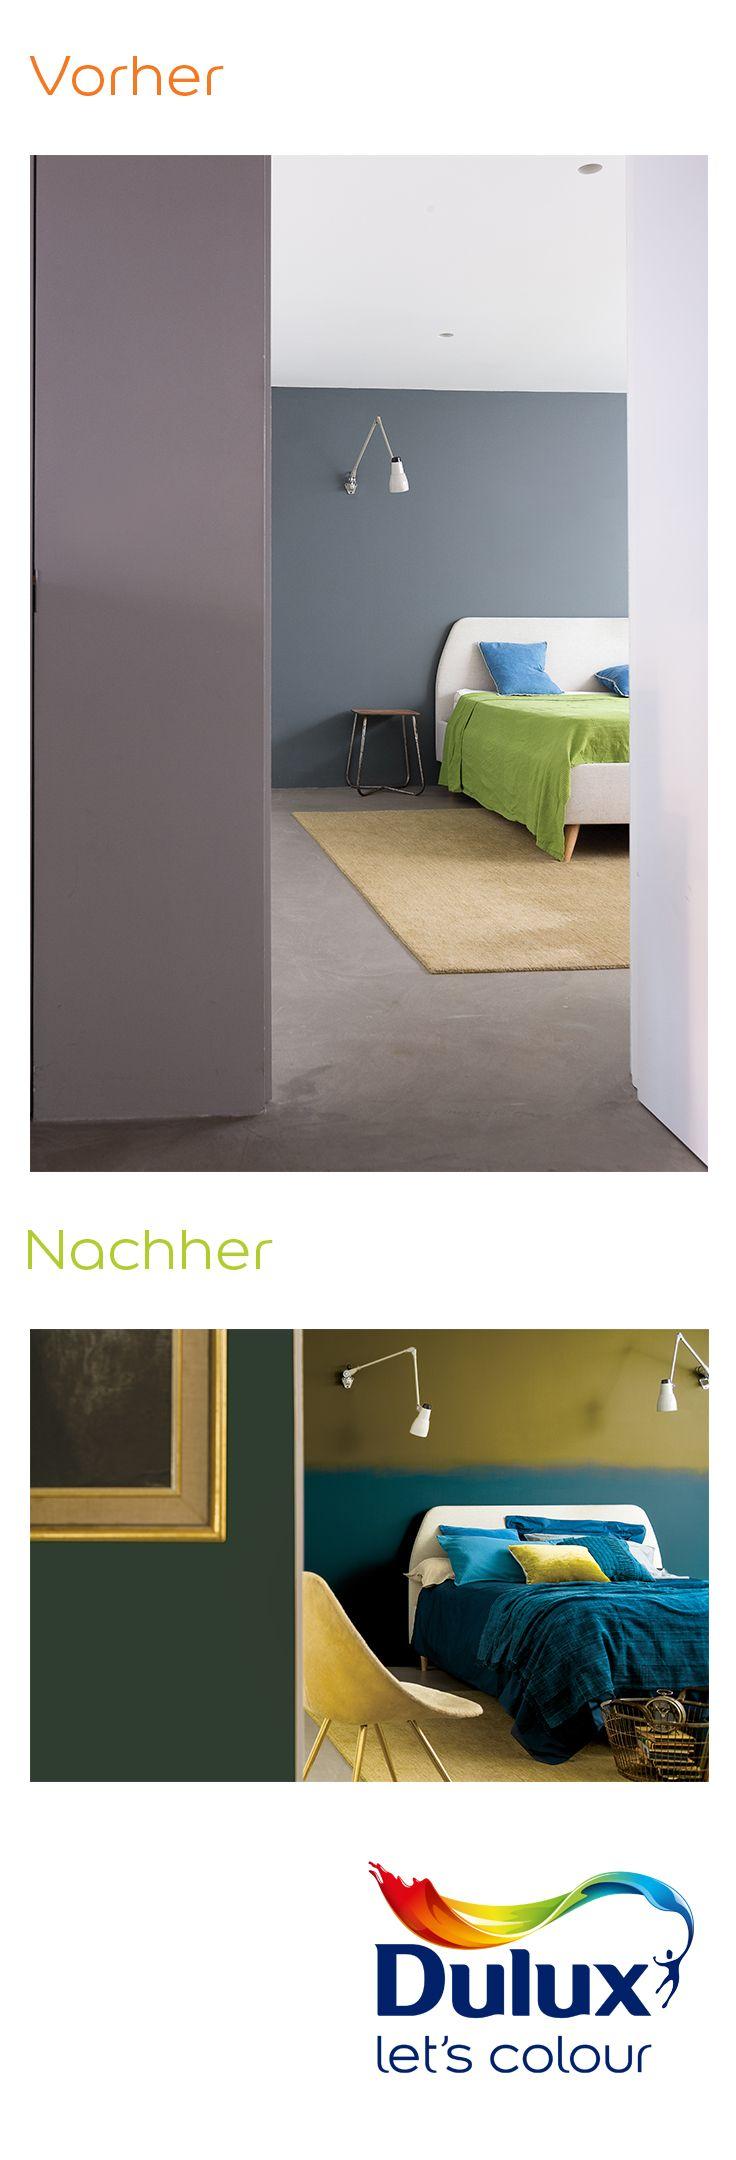 25 best Vorher-/Nachher Bilder images on Pinterest | Before after ...